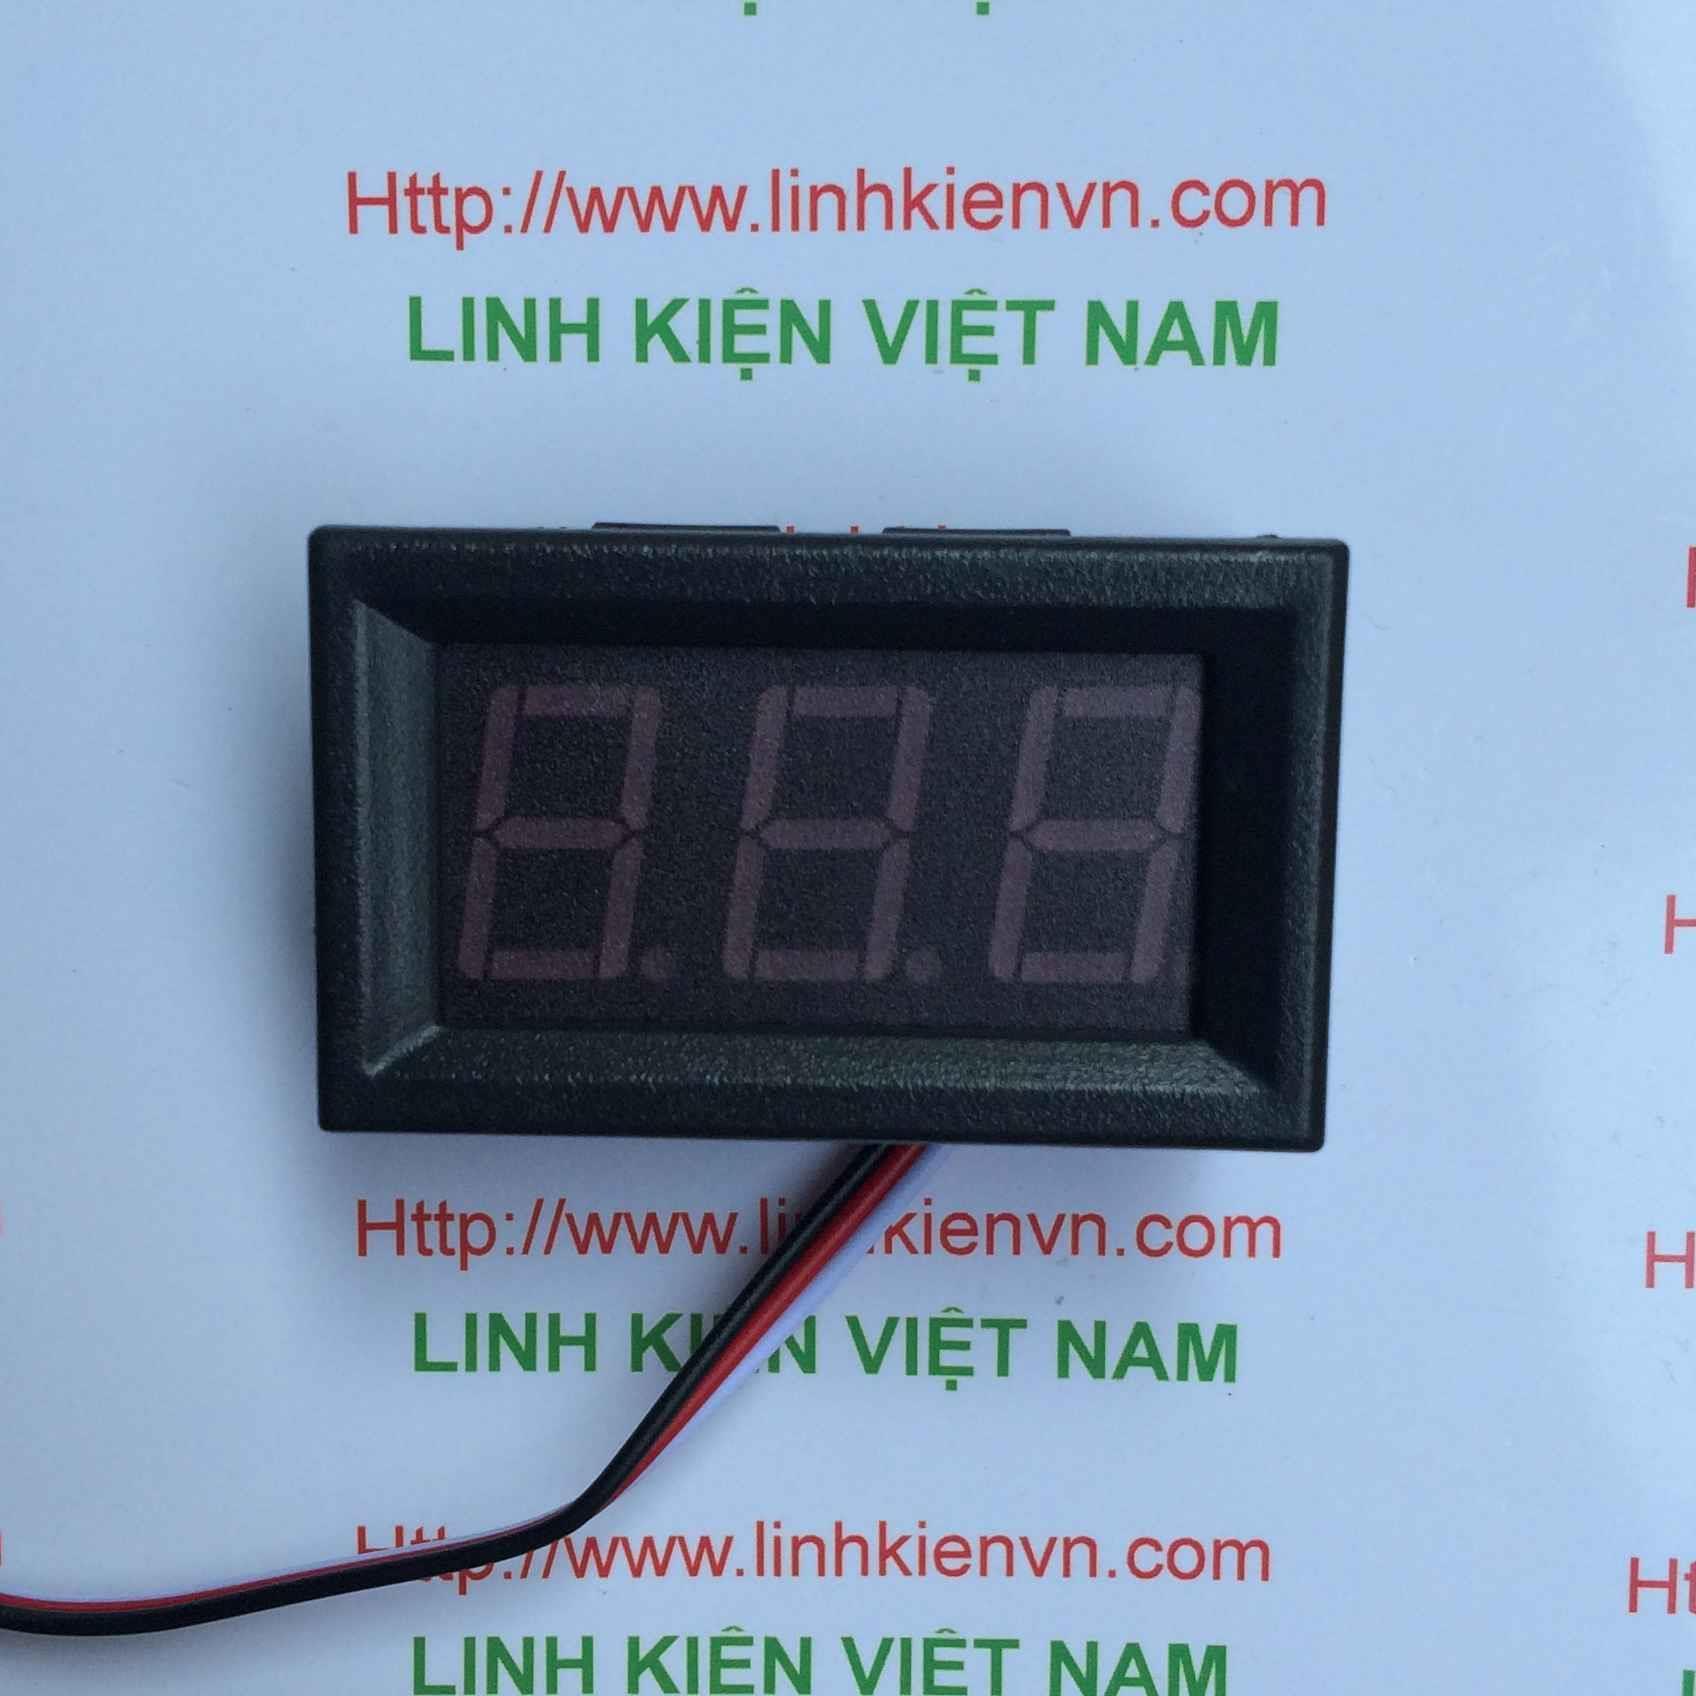 Vôn kế Đo Hiển Thị Điện Áp 0-30V DSN-DVM-568HV / Module Đo Hiển Thị Điện Áp bằng 3 dây - B1H4